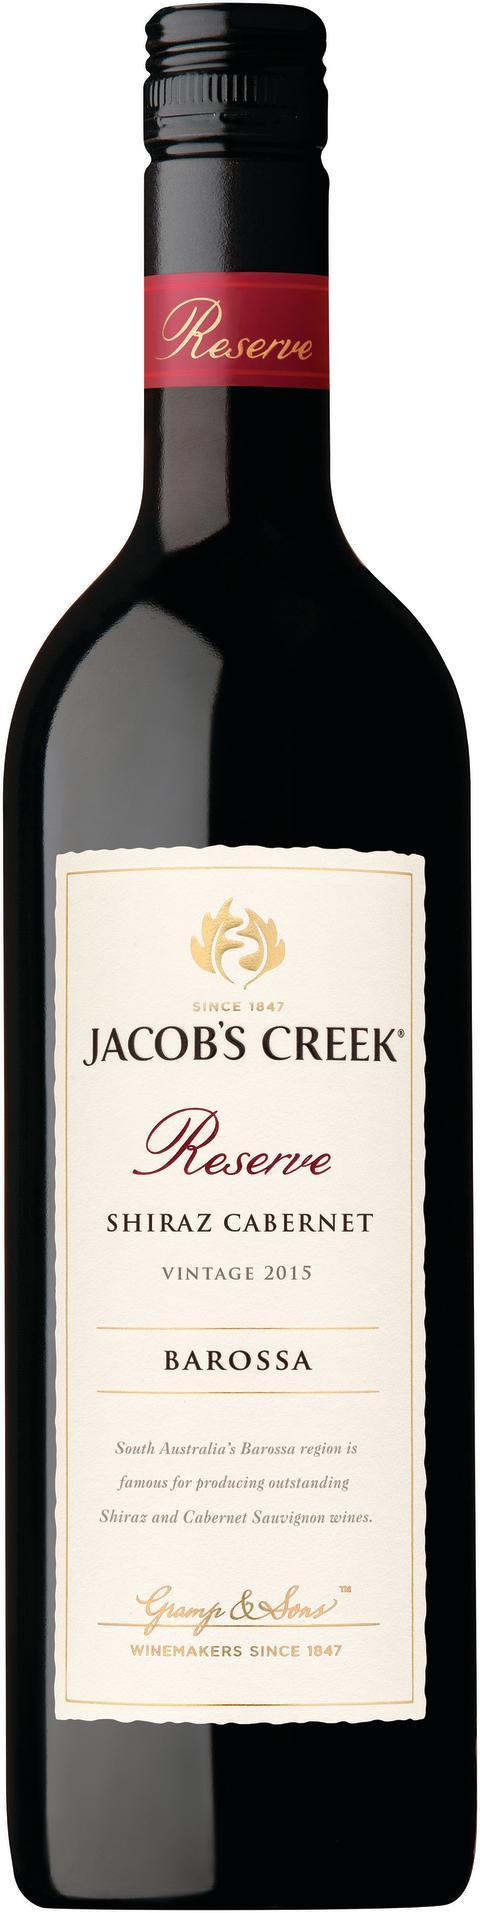 Nyhet 1 mars  Jacob's Creek Reserve Shiraz Cabernet Sauvignon 2015